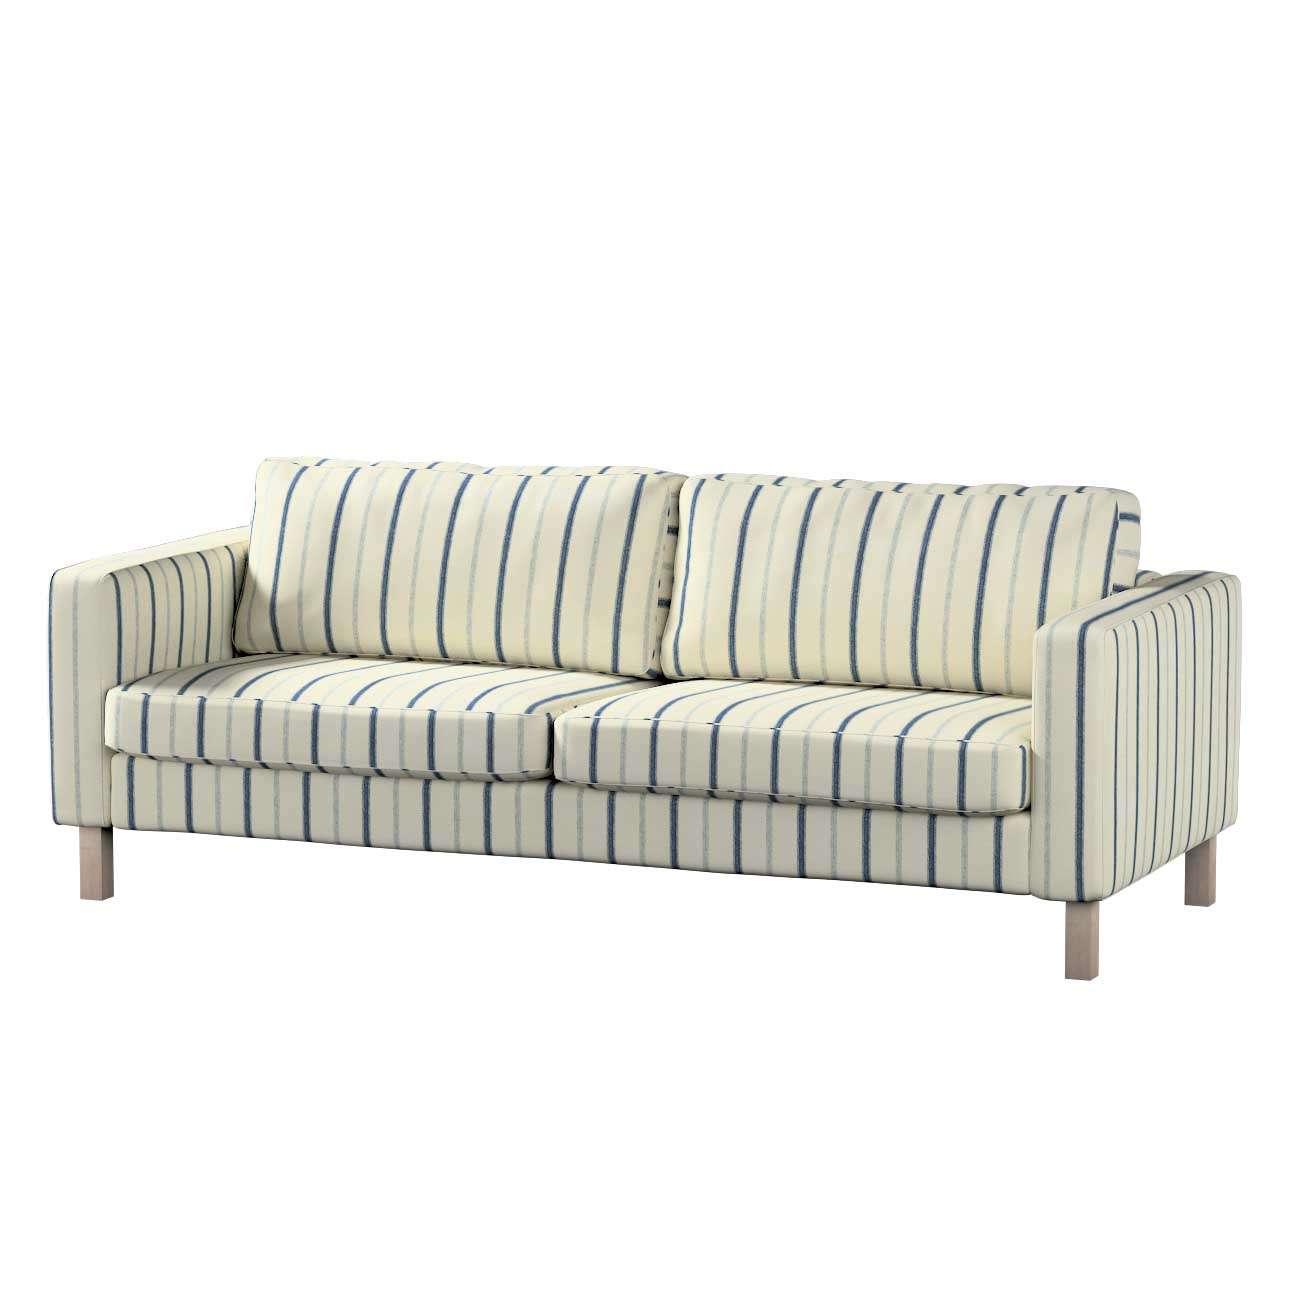 Pokrowiec na sofę Karlstad rozkładaną w kolekcji Avinon, tkanina: 129-66